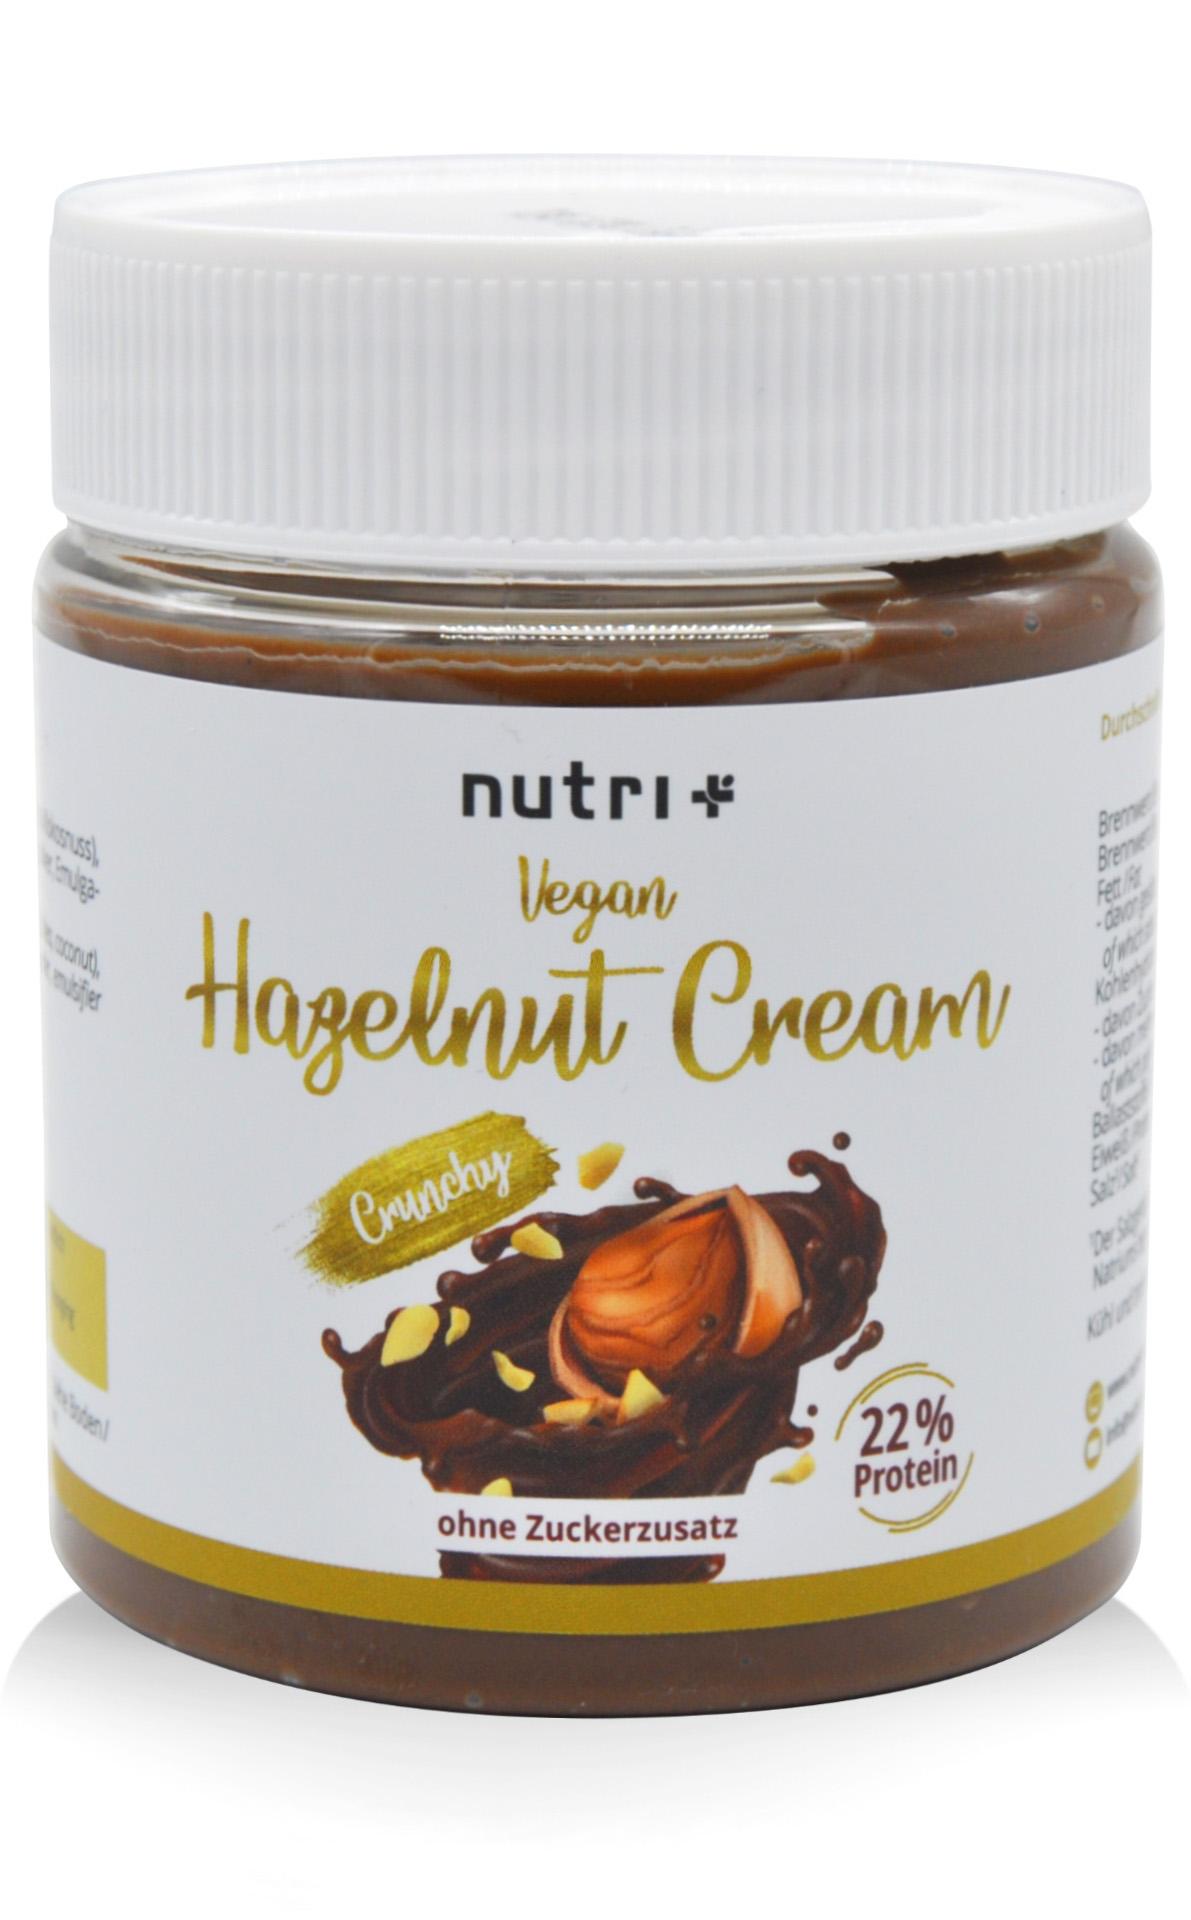 nutri+ Vegan Hazelnut Cream - Protein-Aufstrich